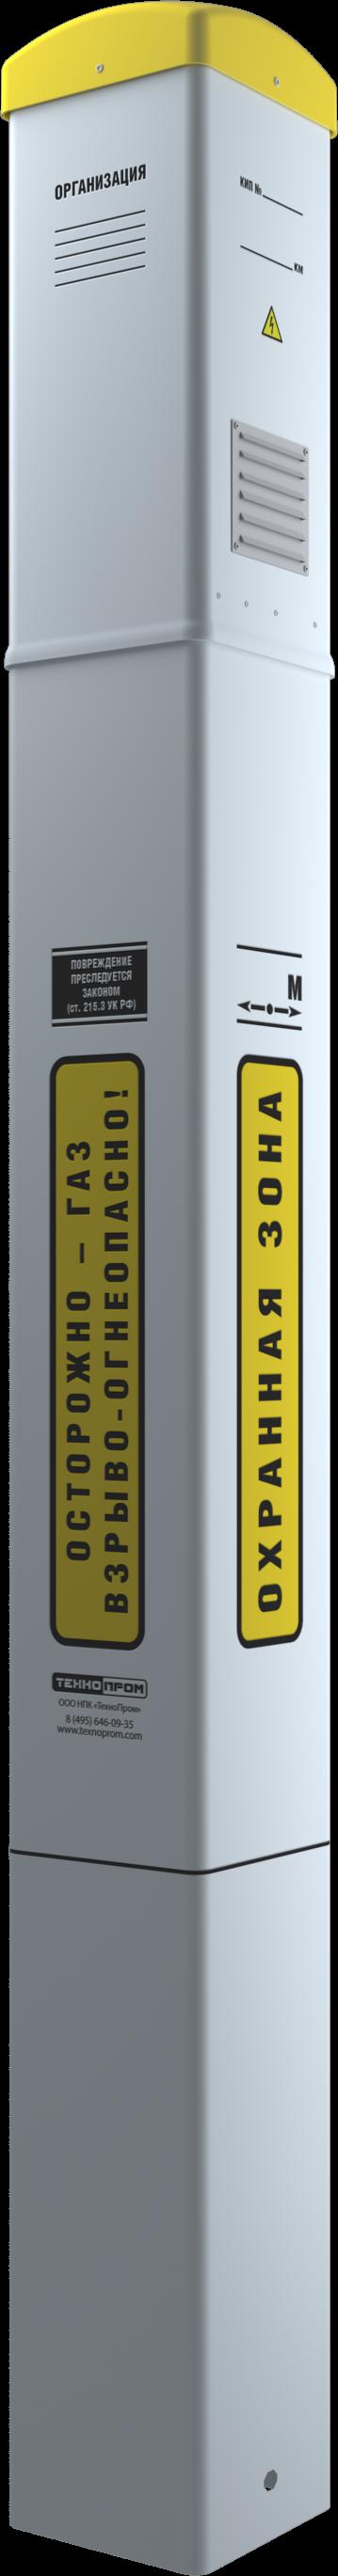 КИП.ПВЕК «Винчестер» (сечение квадрат 200 мм)